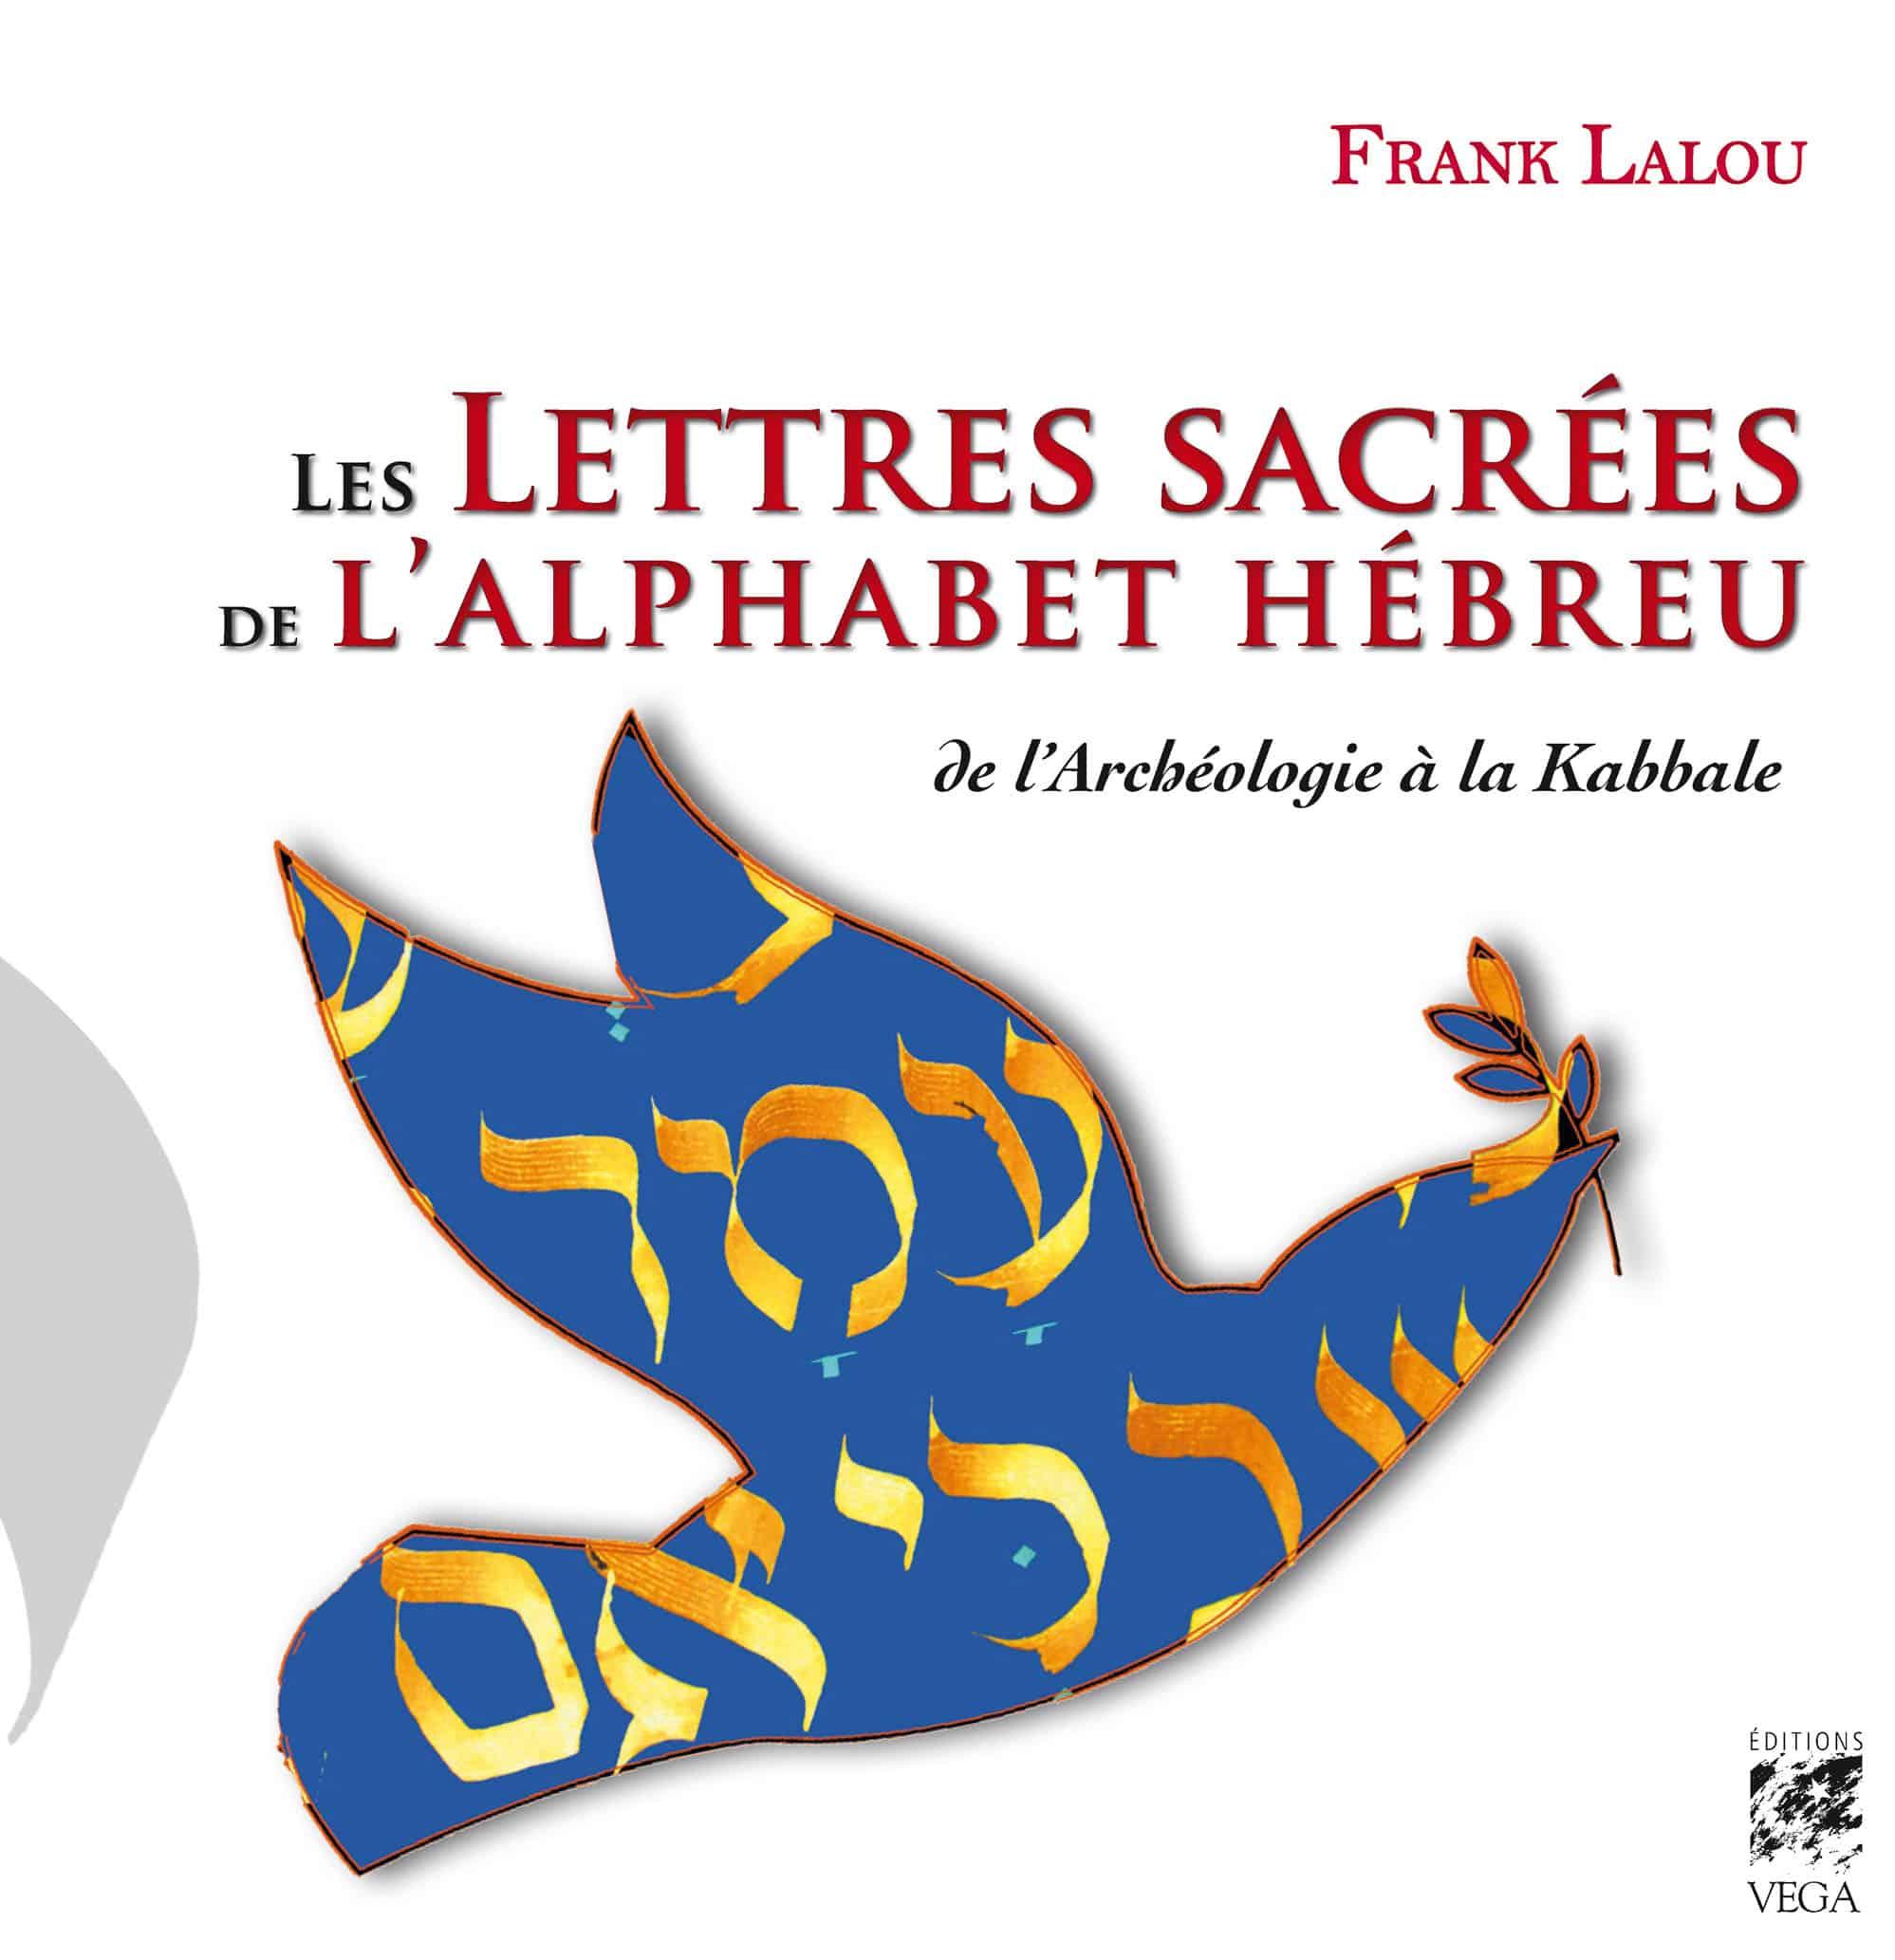 KeL | Les lettres sacrées de l'alphabet hébreu image 1